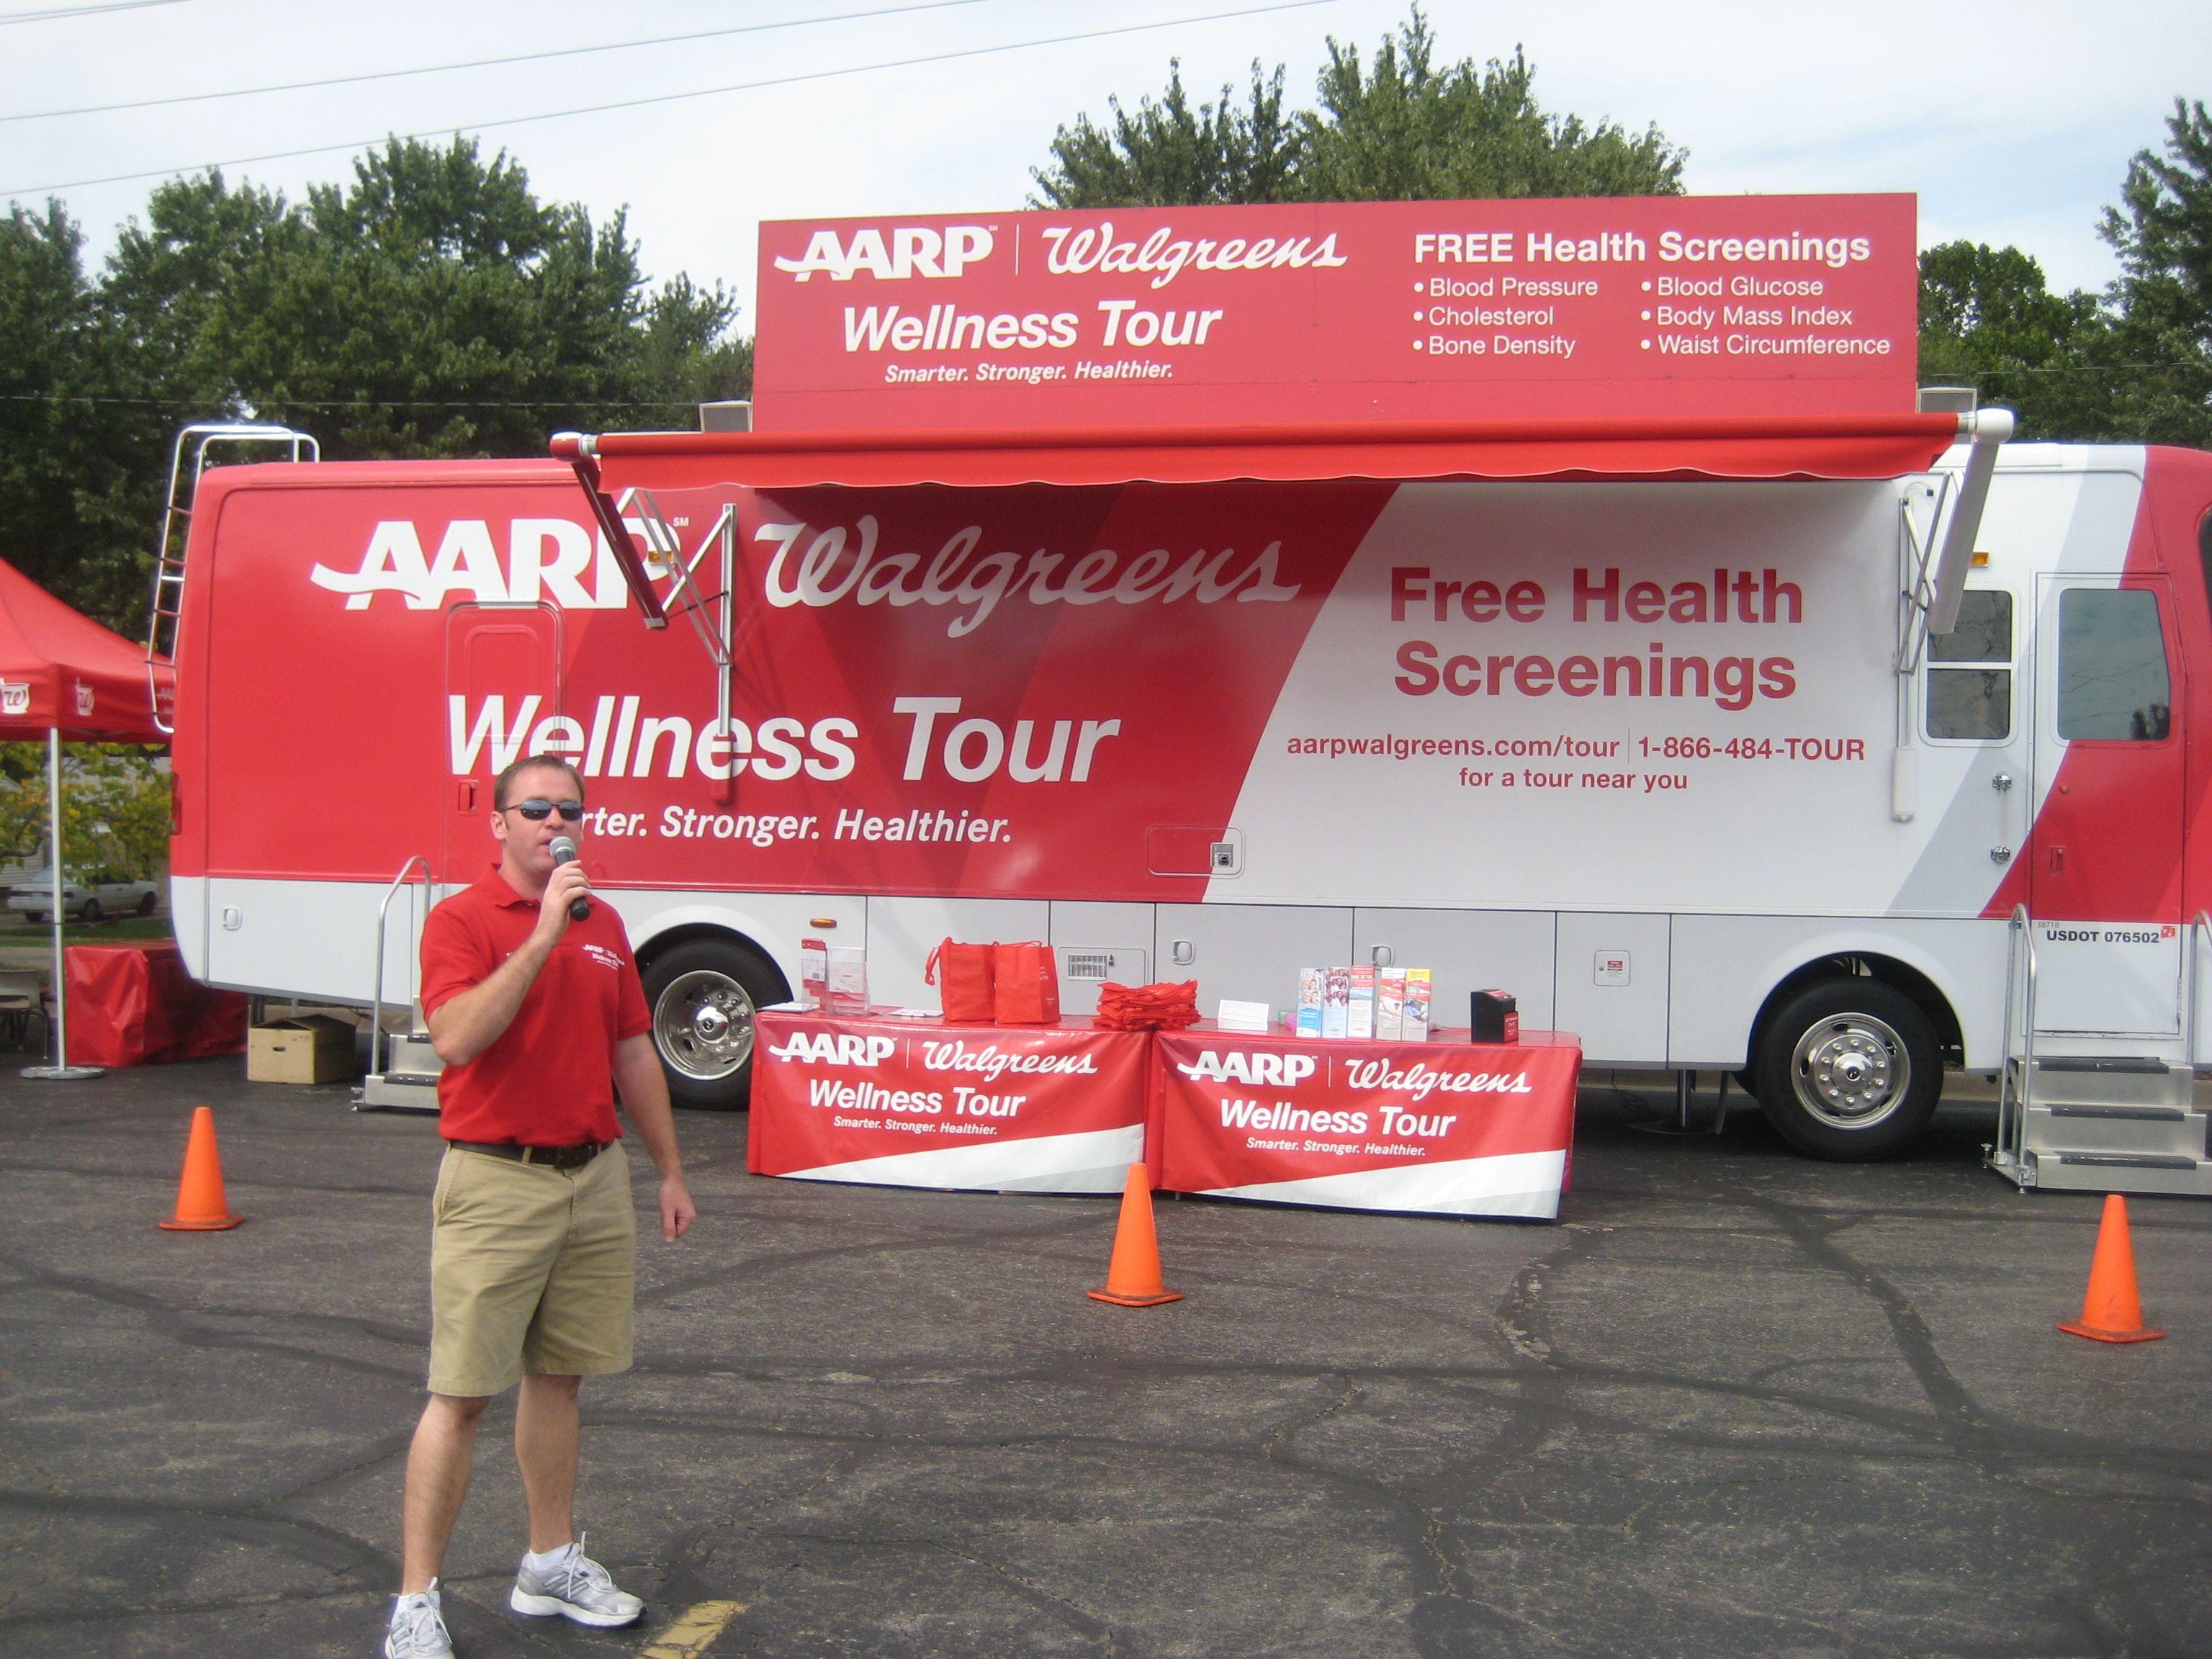 AARP Walgreens Wellness Tour Aarp, Health screening